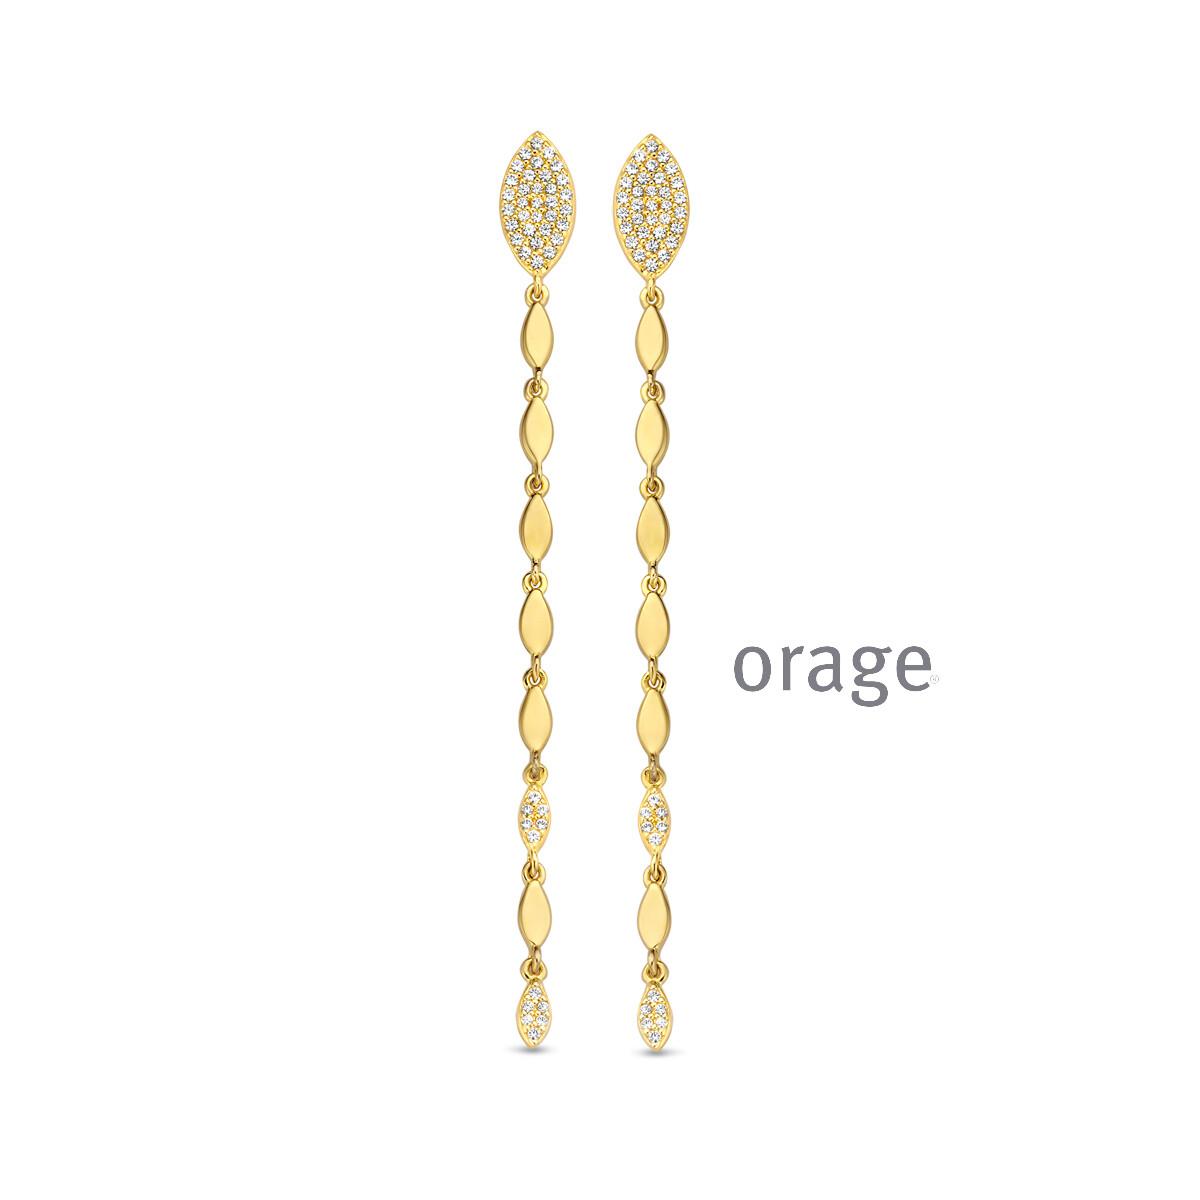 Boucles d'oreilles Orage AR121